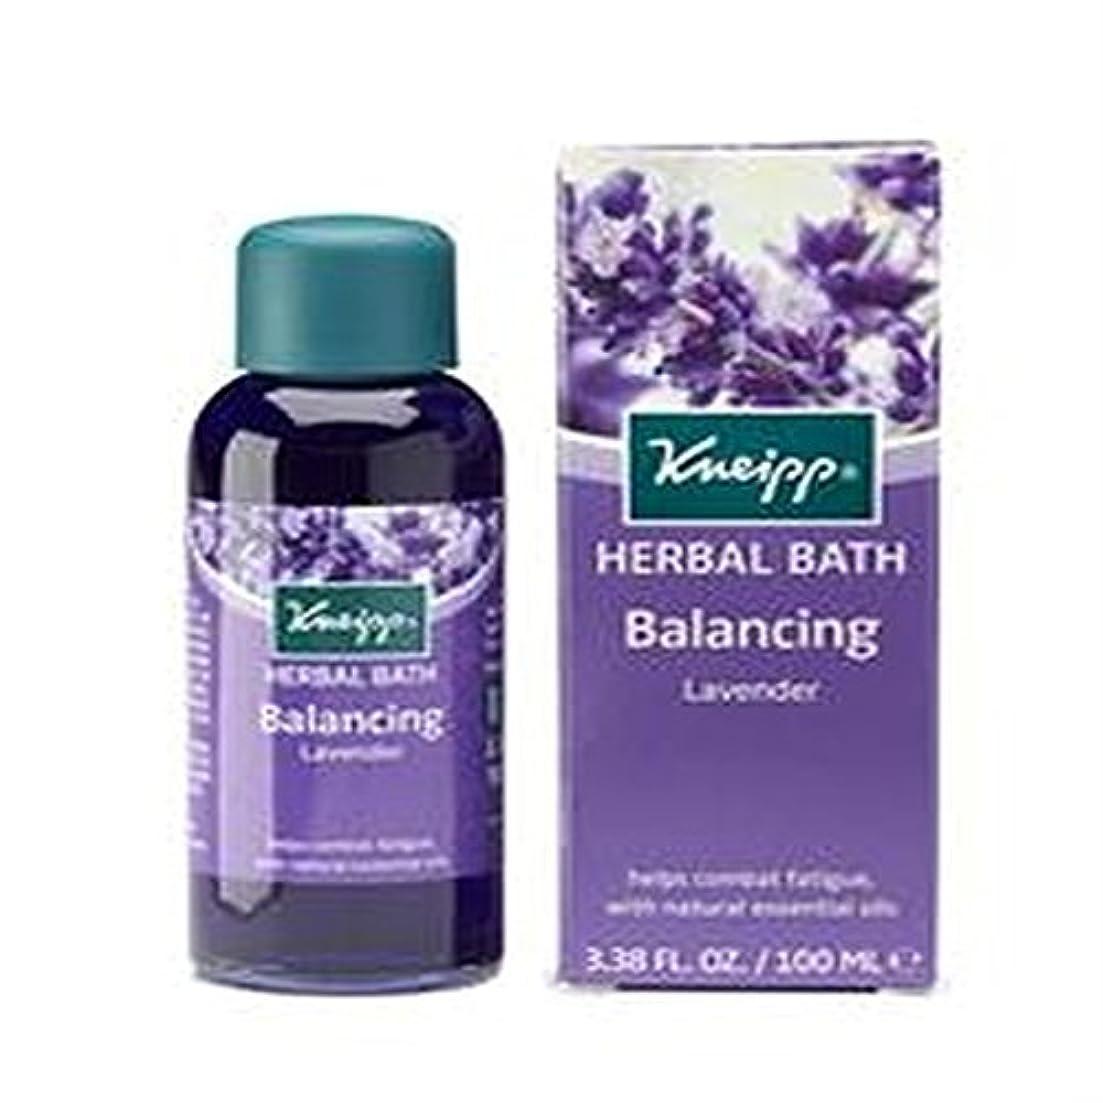 不平を言うコメンテーターお尻Kneipp Balancing Lavender Herbal Bath - 3.38 Oz. (並行輸入品) [並行輸入品]